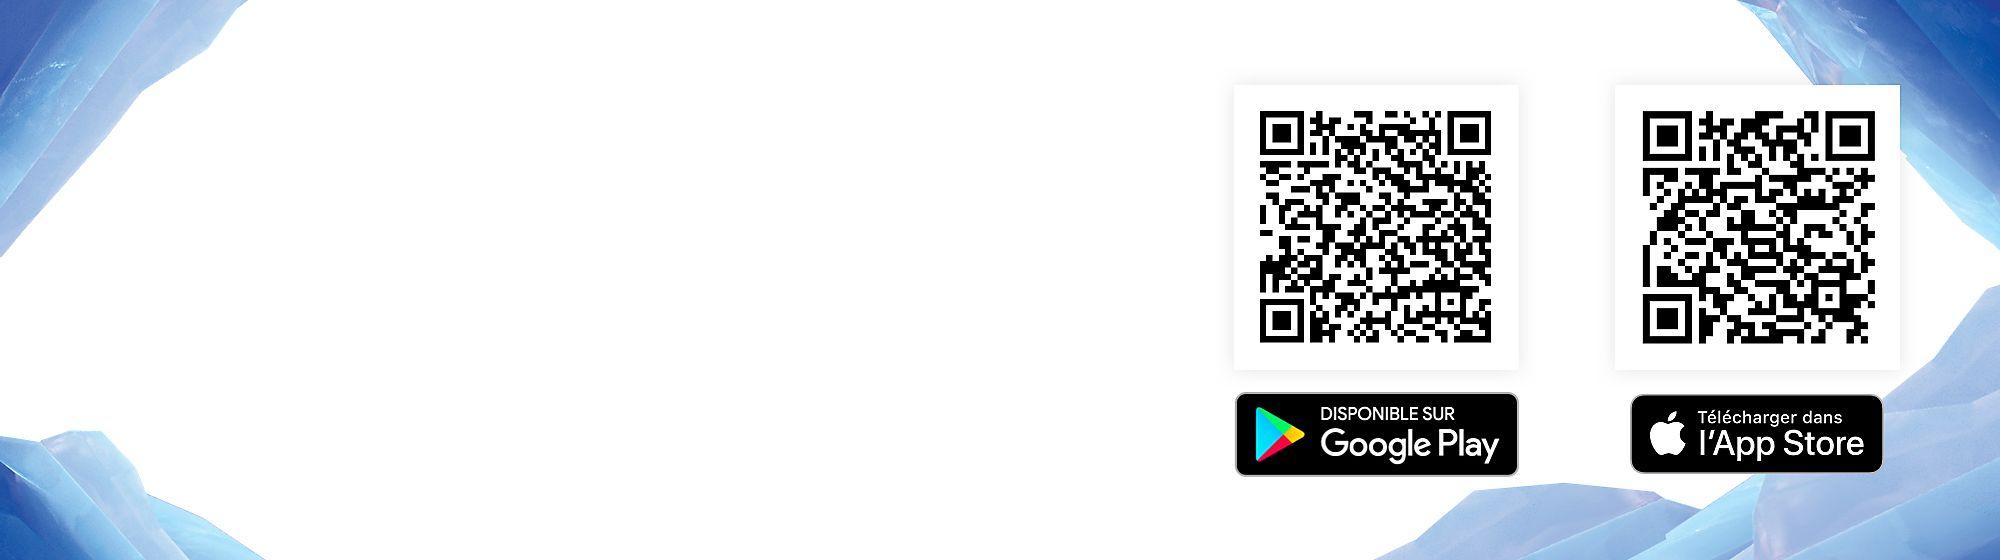 Utilise ton téléphone portable pour scanner le code QR ci-dessous et télécharger l'application Disney Scan.